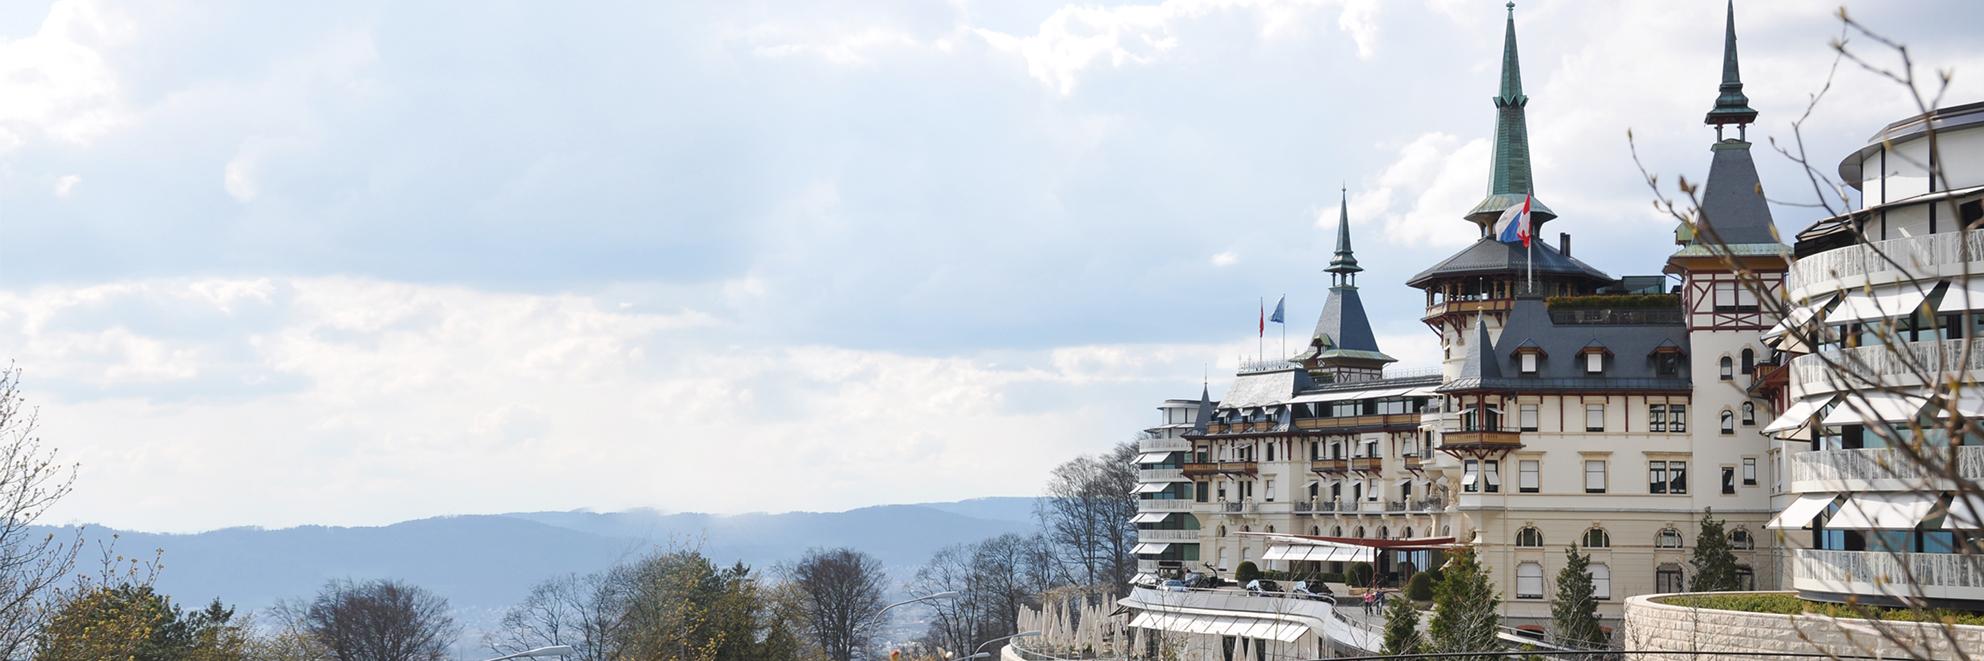 Copy of Hotel Dolder, Zürich